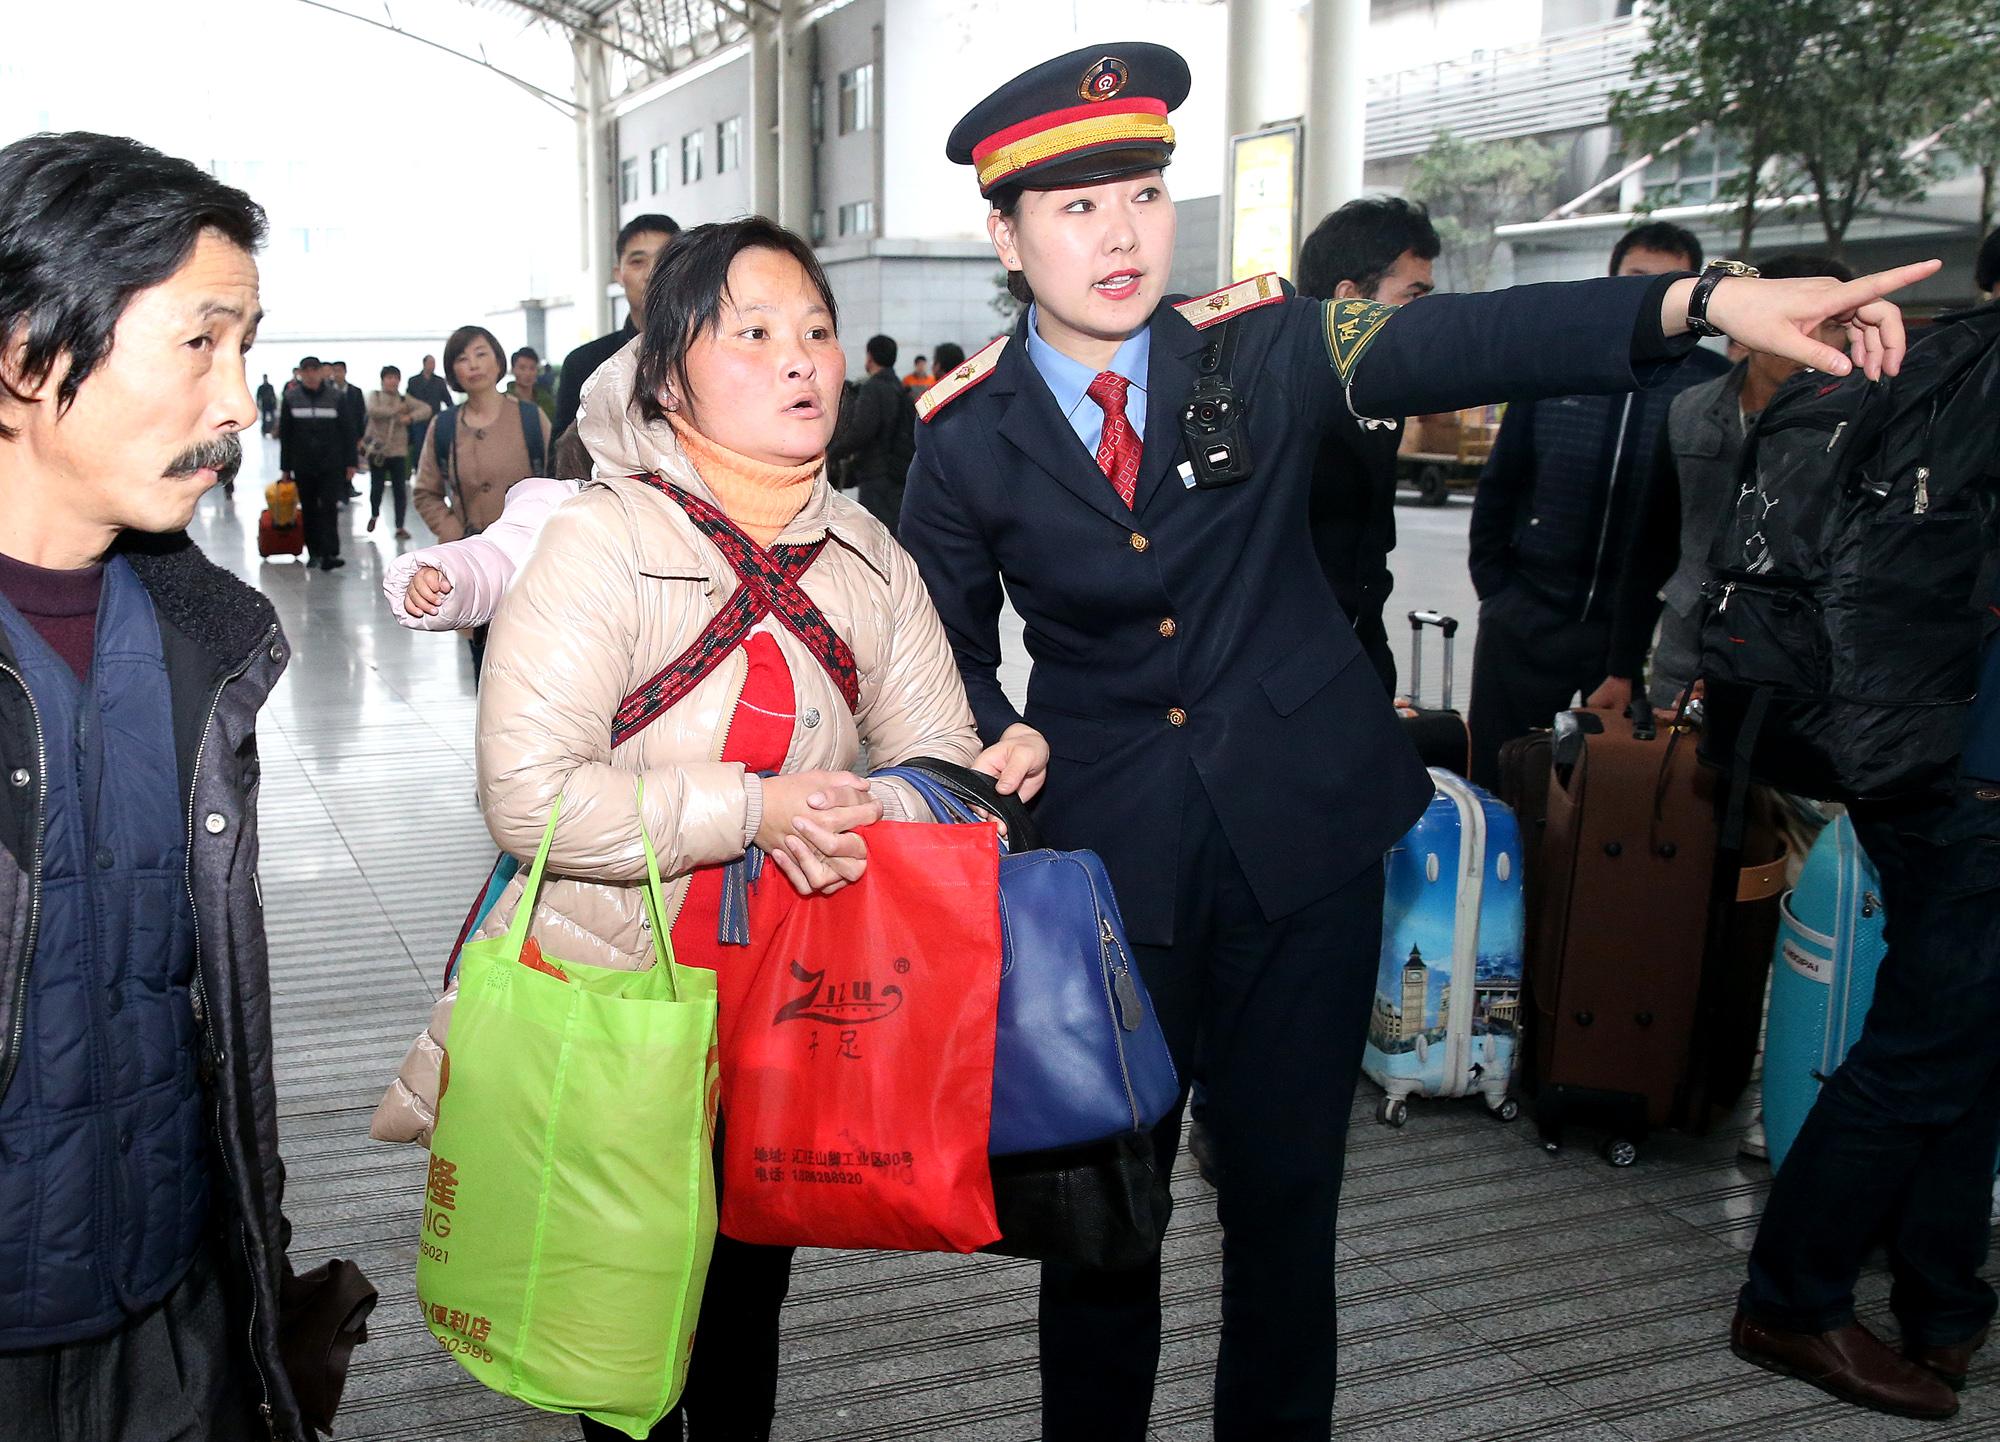 1月18日,沪港列车车长李喆(前右)正在上海火车站协助旅客出站。